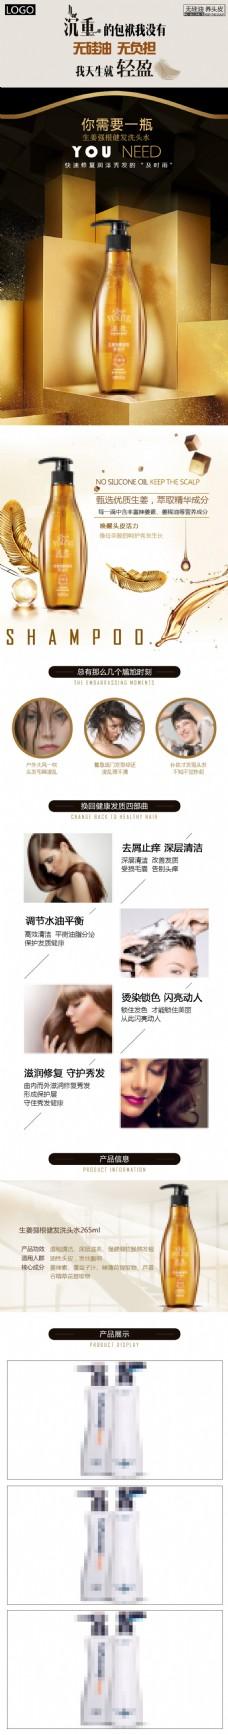 洗发水详情页